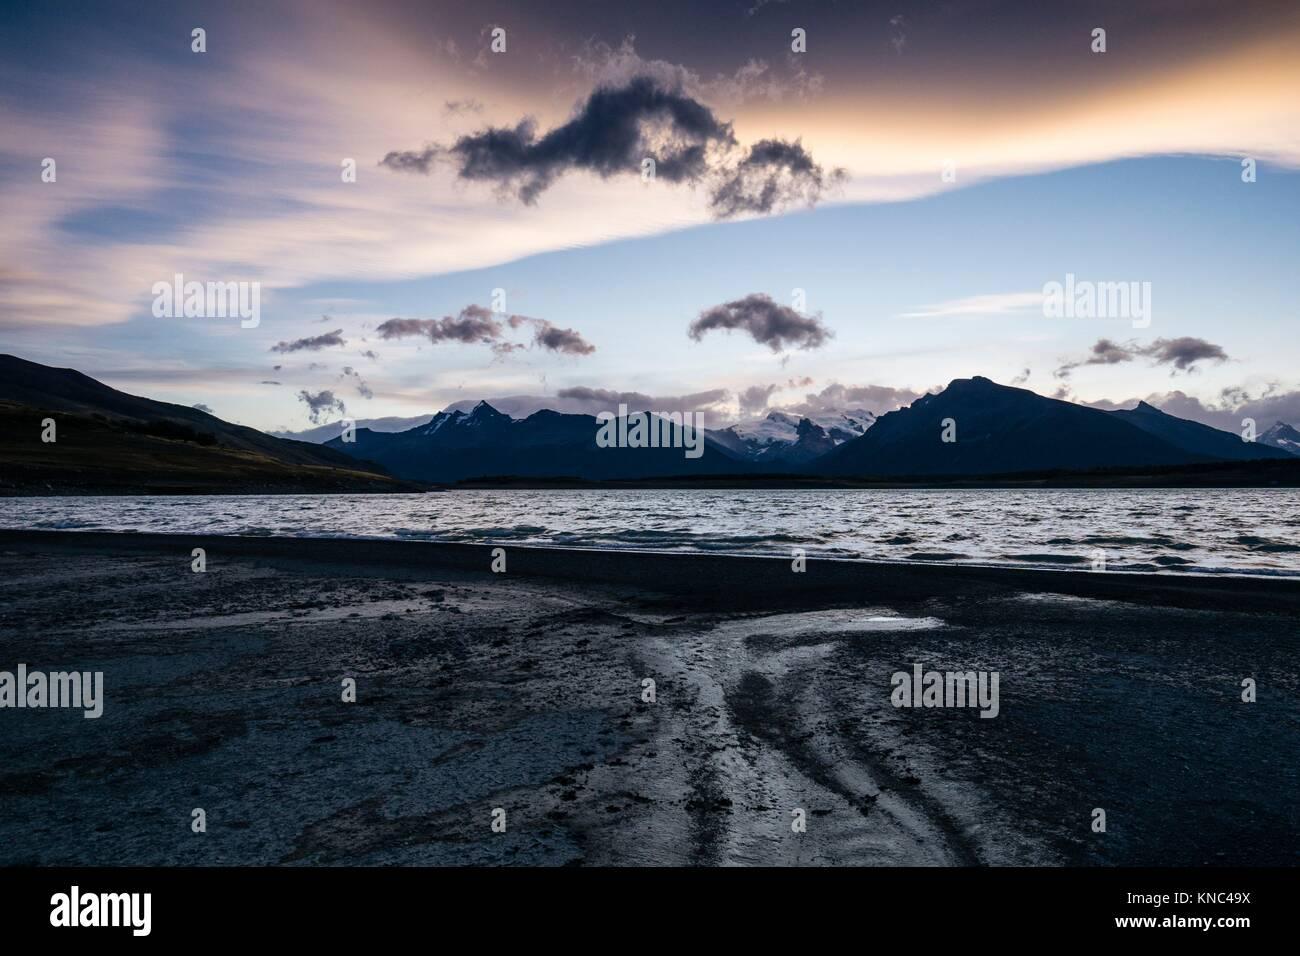 Lago Roca, El Calafate ,Parque Nacional Los Glaciares Patagonia, Argentina. - Stock Image